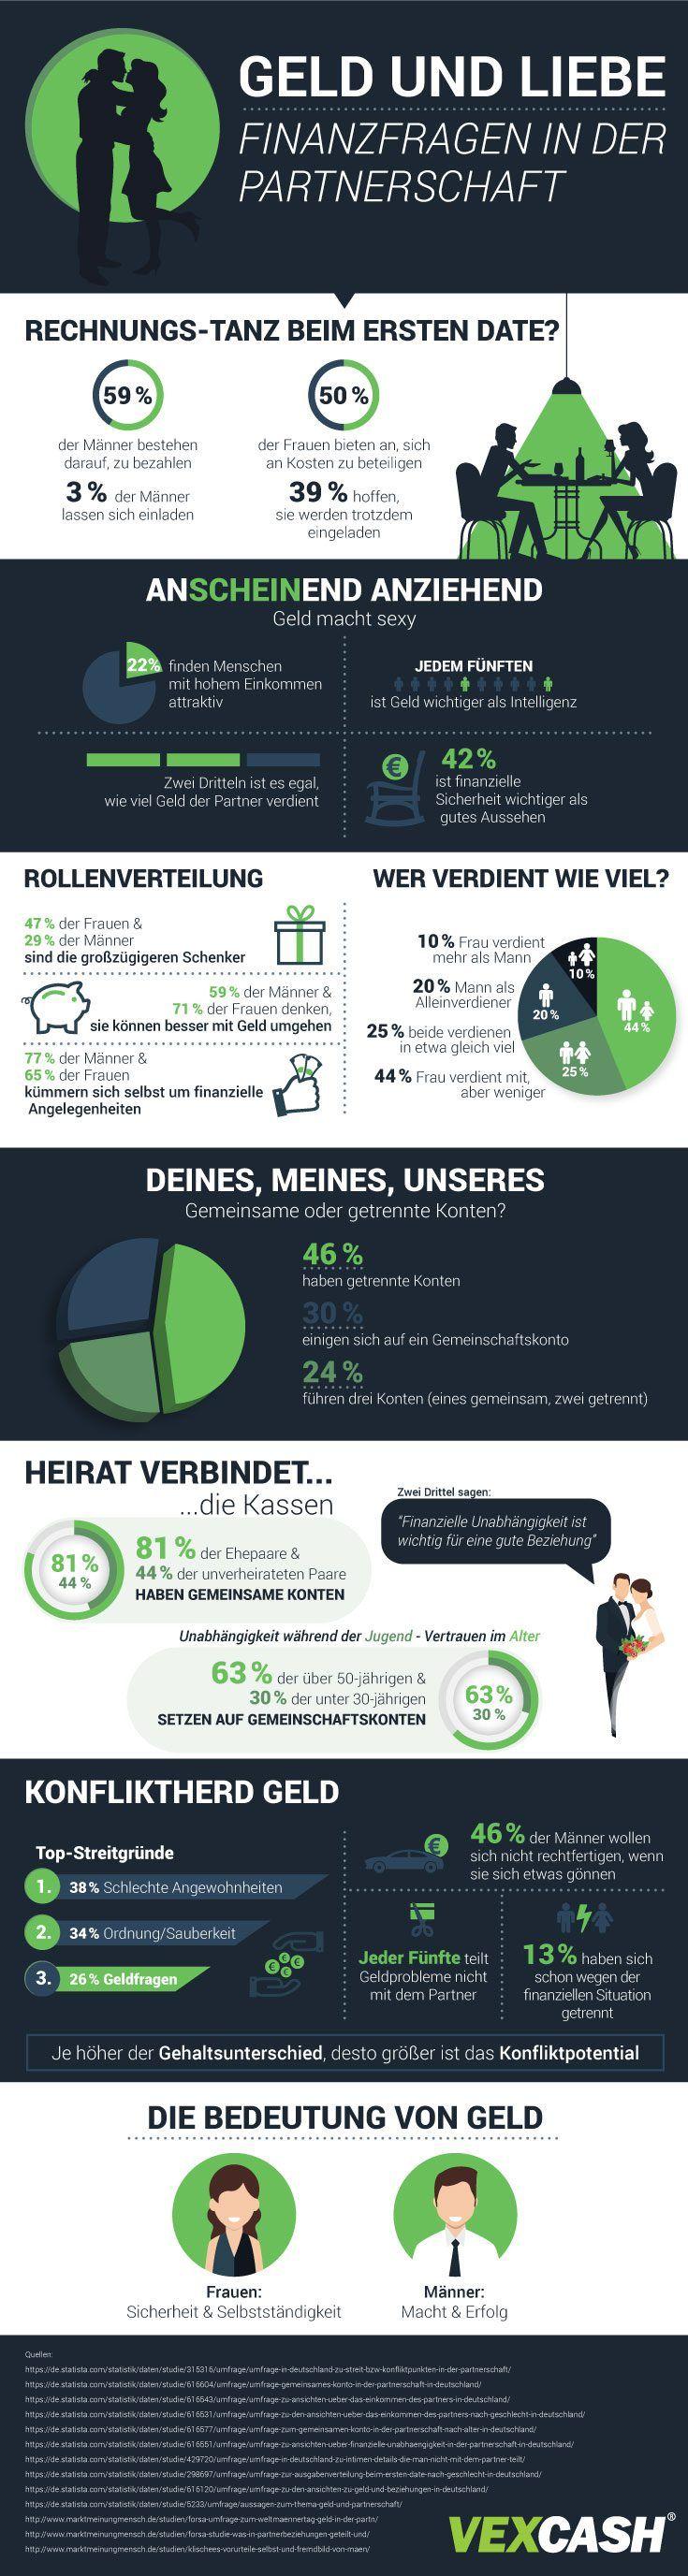 Das Geld und die Partnerschaft https://www.vexcash.com/blog/geld-partnerschaft-finanzen-in-beziehung/  Wie wichtig sind die Finanzen? #geld #partnerschaft #finanzen #infografik